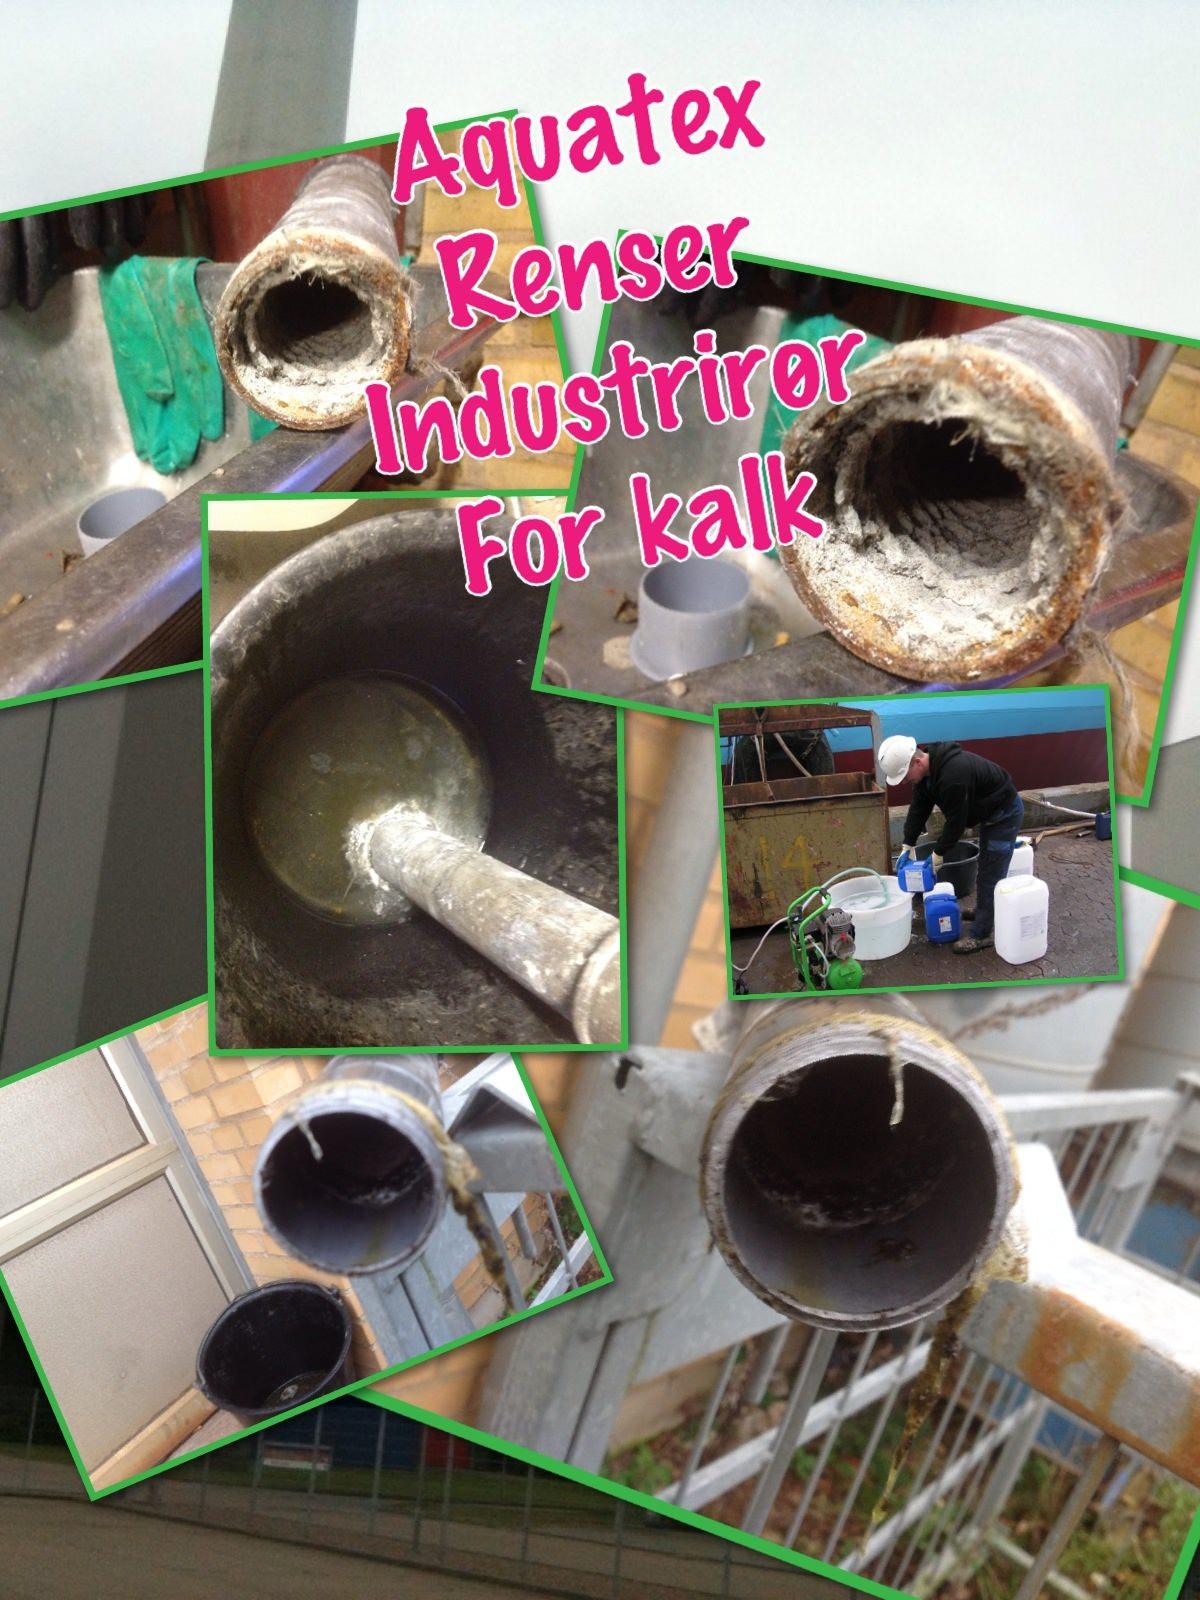 Rensning af rør og ledninger for kalk, rust, okker, fedt, olier